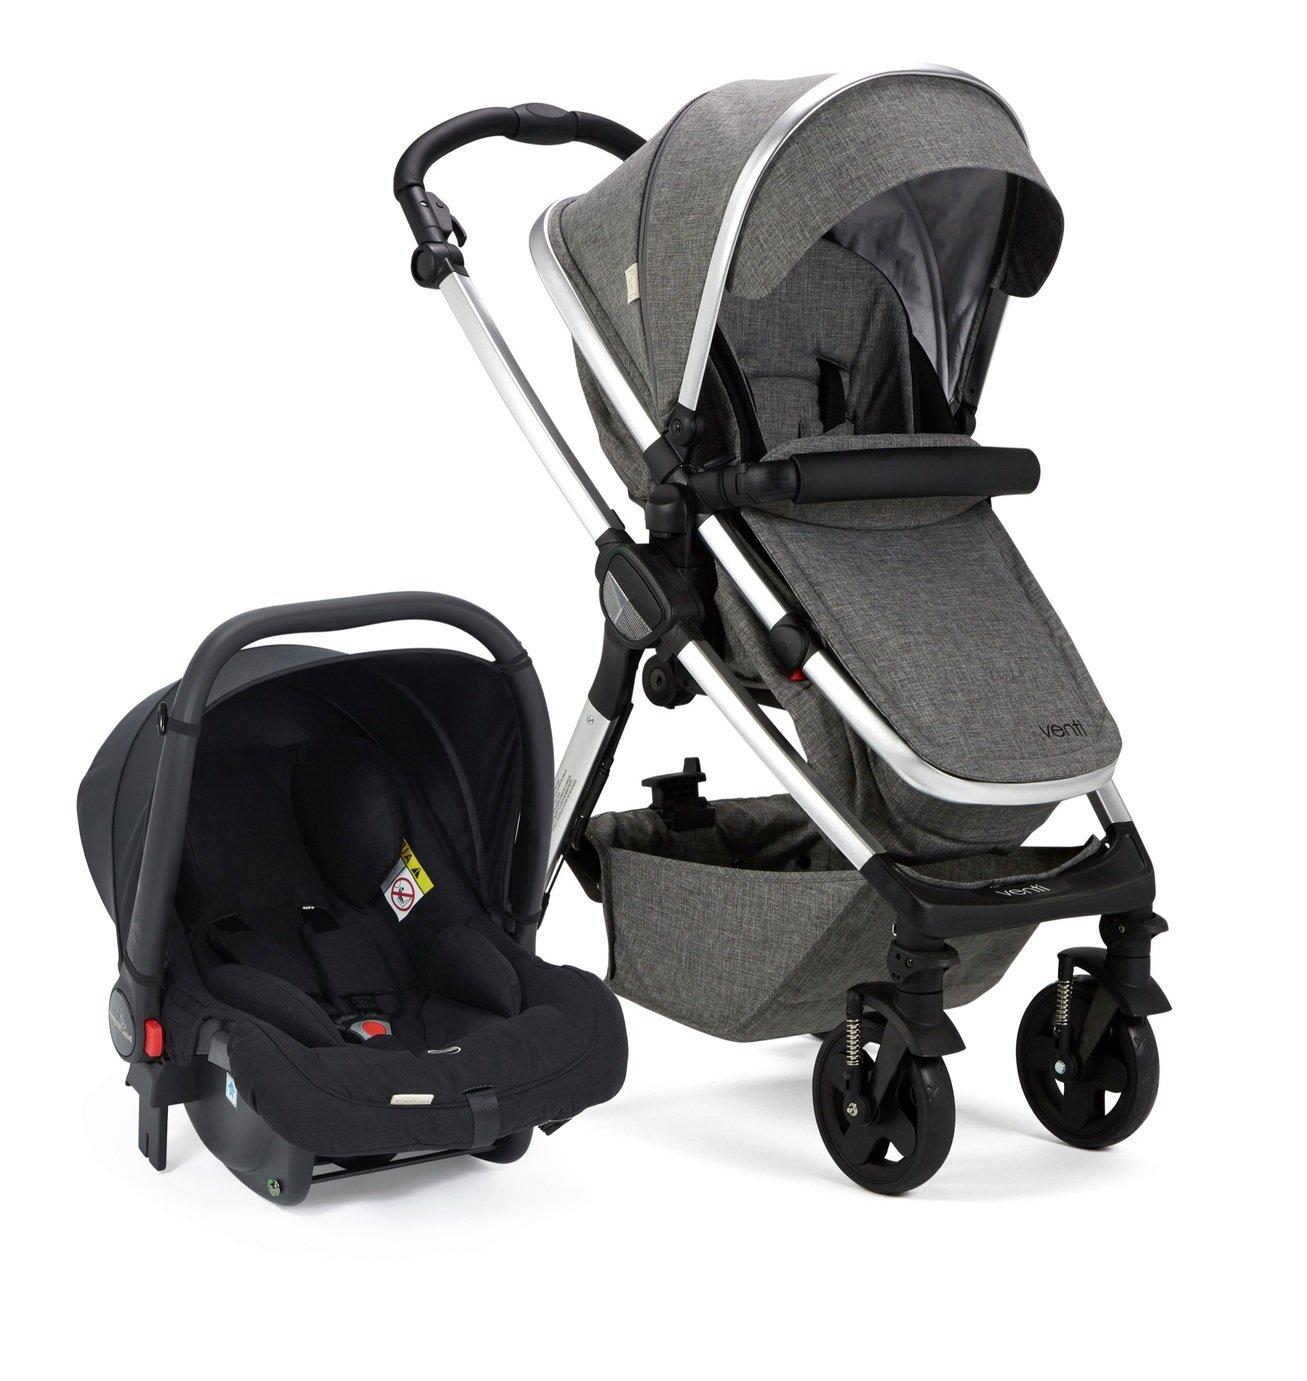 Baby Elegance Venti Travel System - Grey